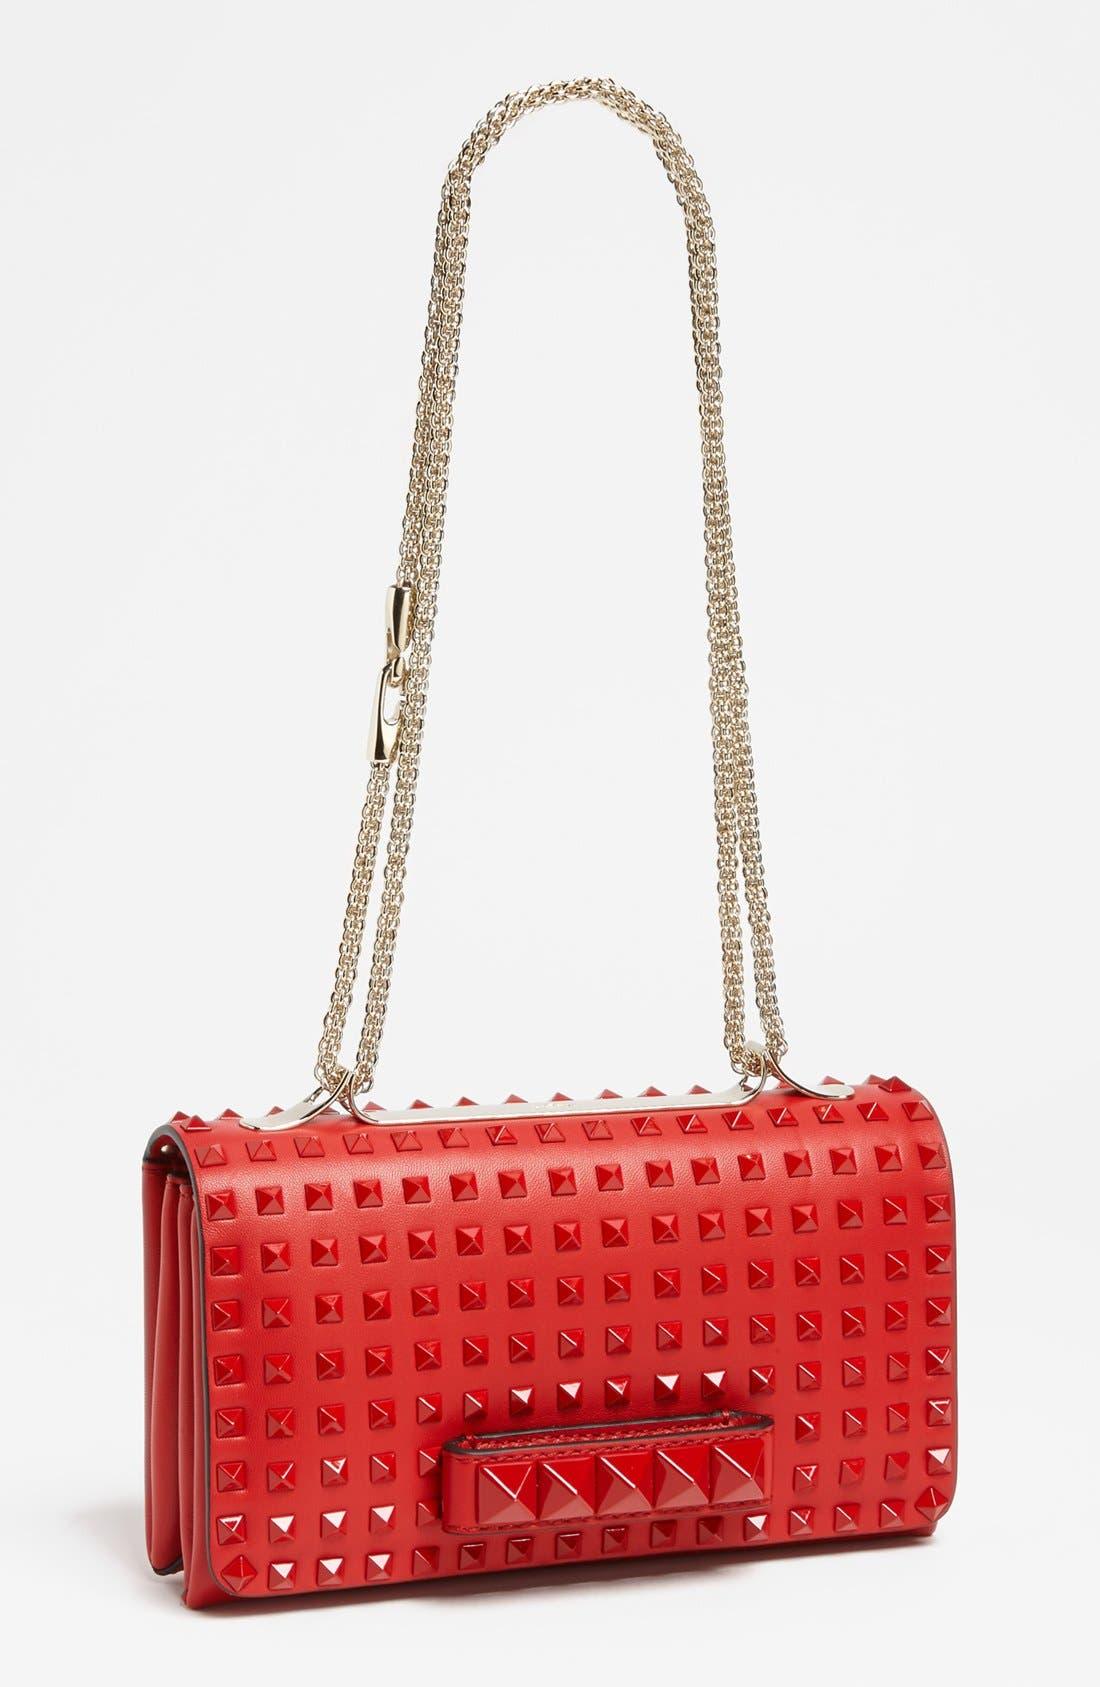 Alternate Image 1 Selected - Valentino 'Rockstud - Rouge Va Va Voom' Leather Shoulder Bag